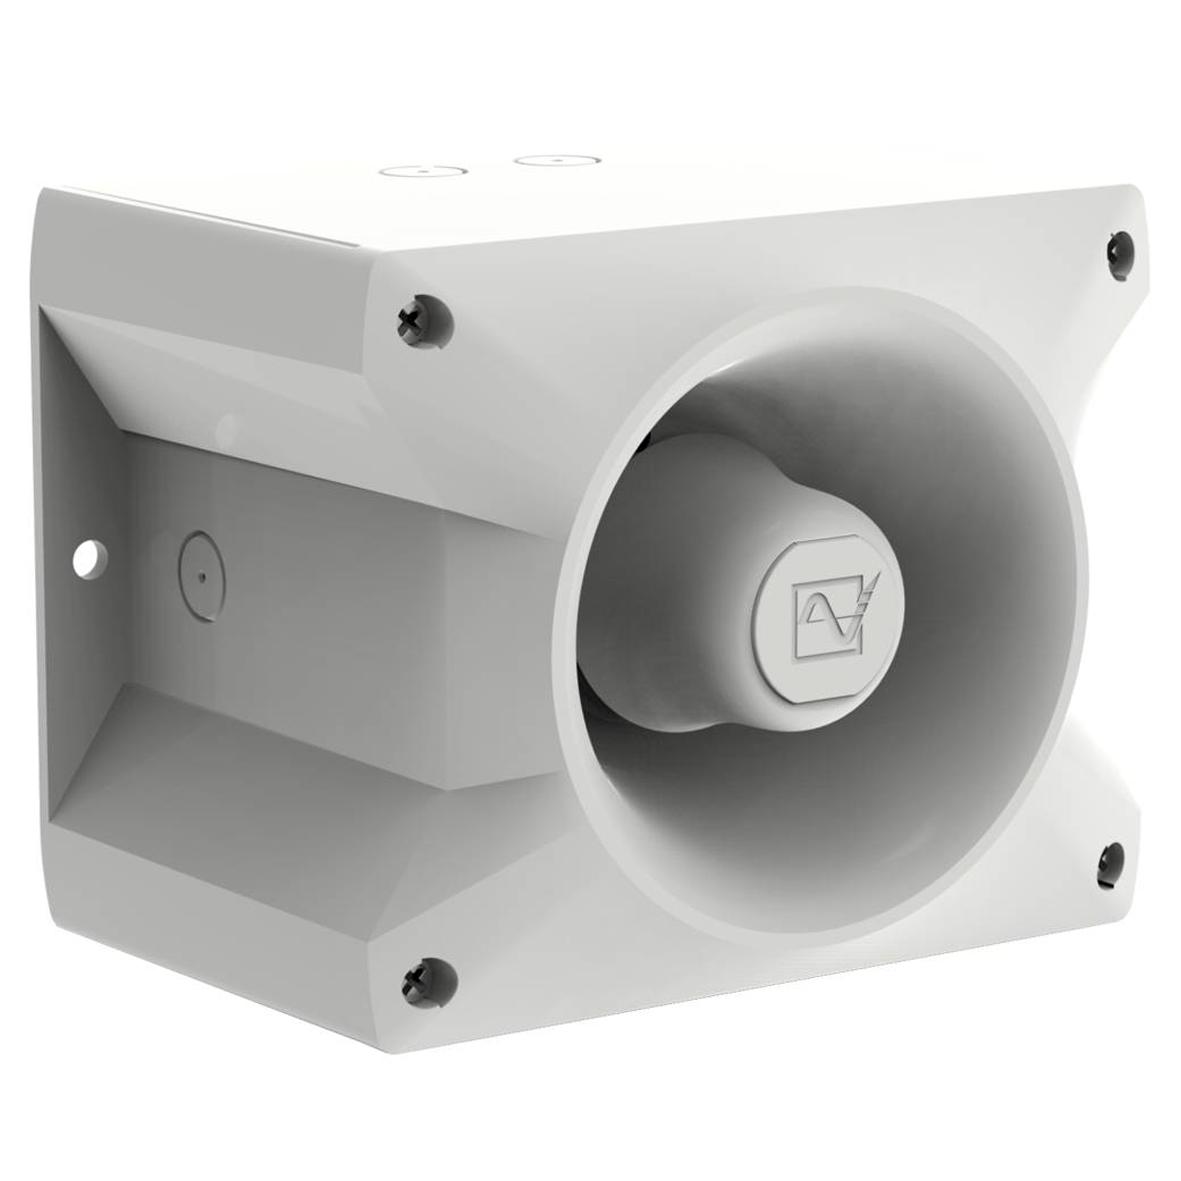 MED-klassad Siren 117 dB